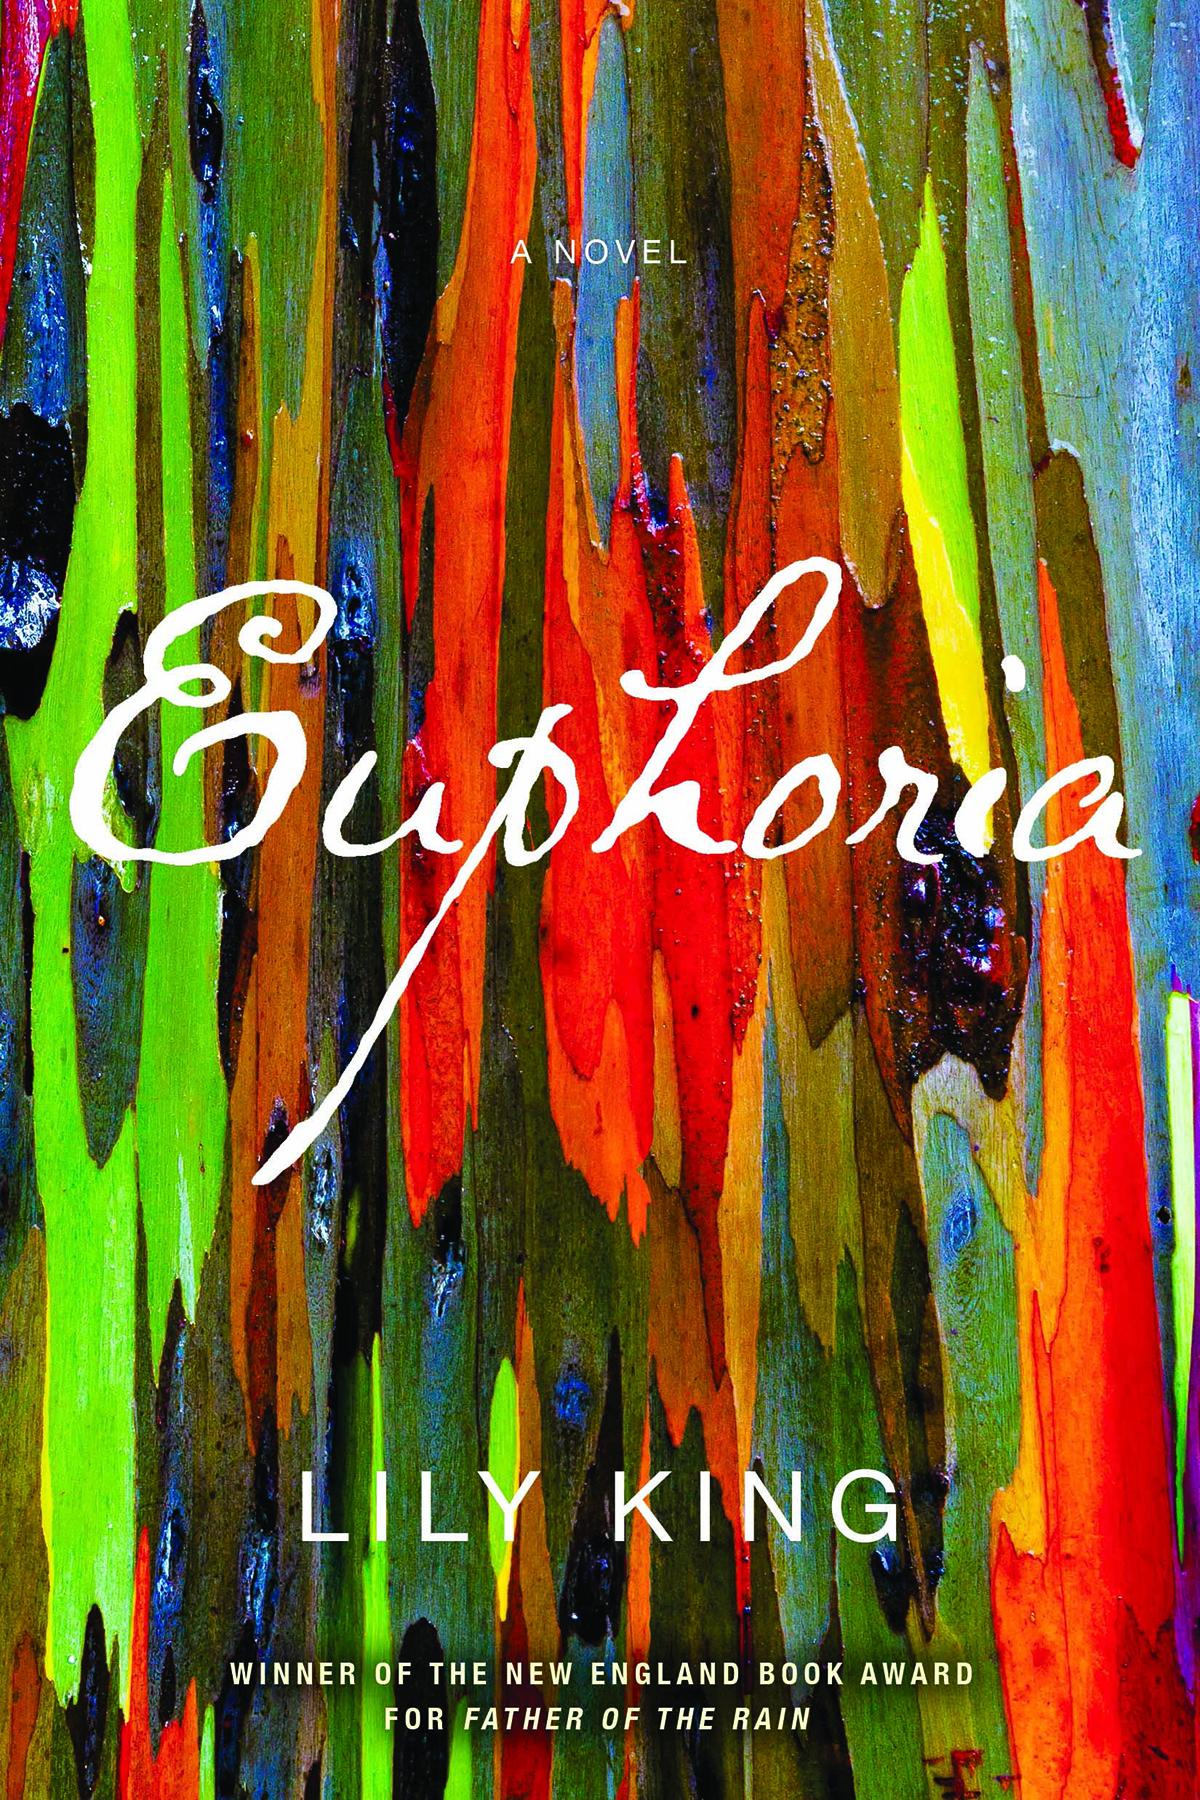 072816_CLSC_LilyKing_euphoria